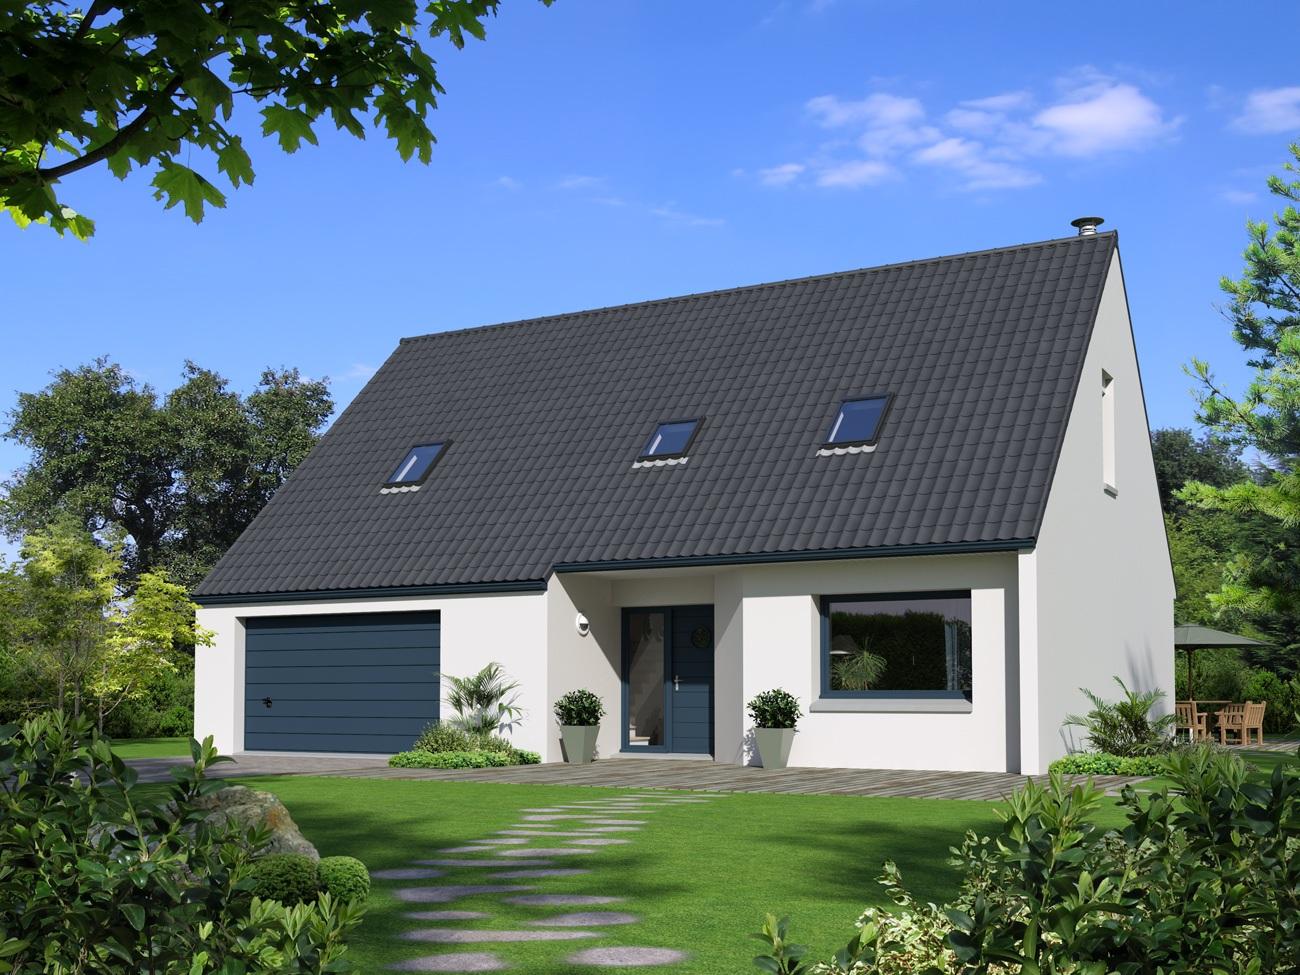 Maisons + Terrains du constructeur MAISON FAMILIALE • 120 m² • MAZINGARBE